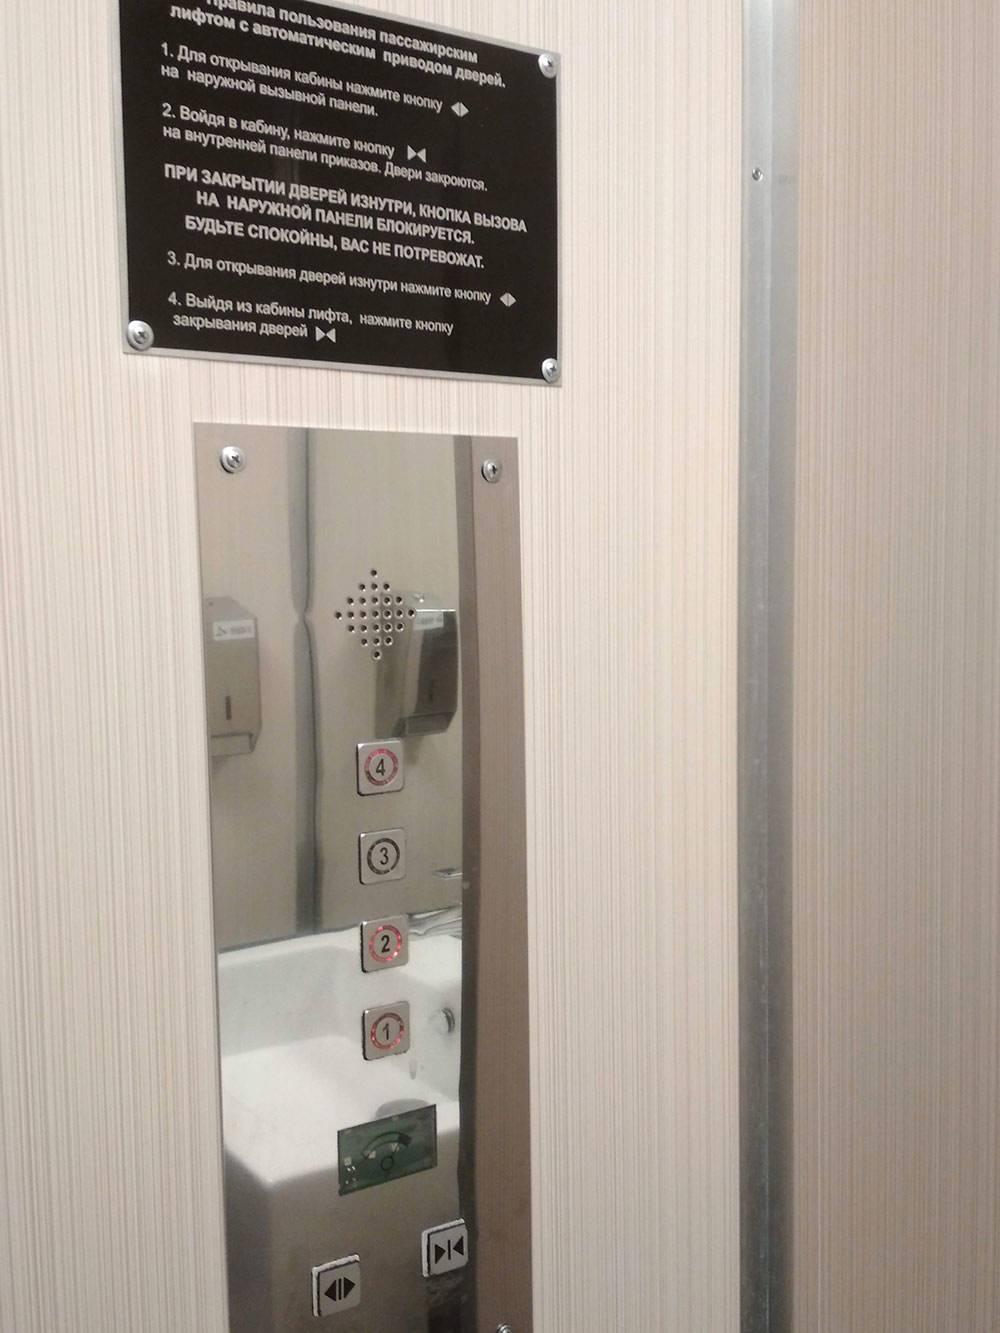 Фото из туалета-лифта. Если в уборной человек, снаружи кабинку не открыть